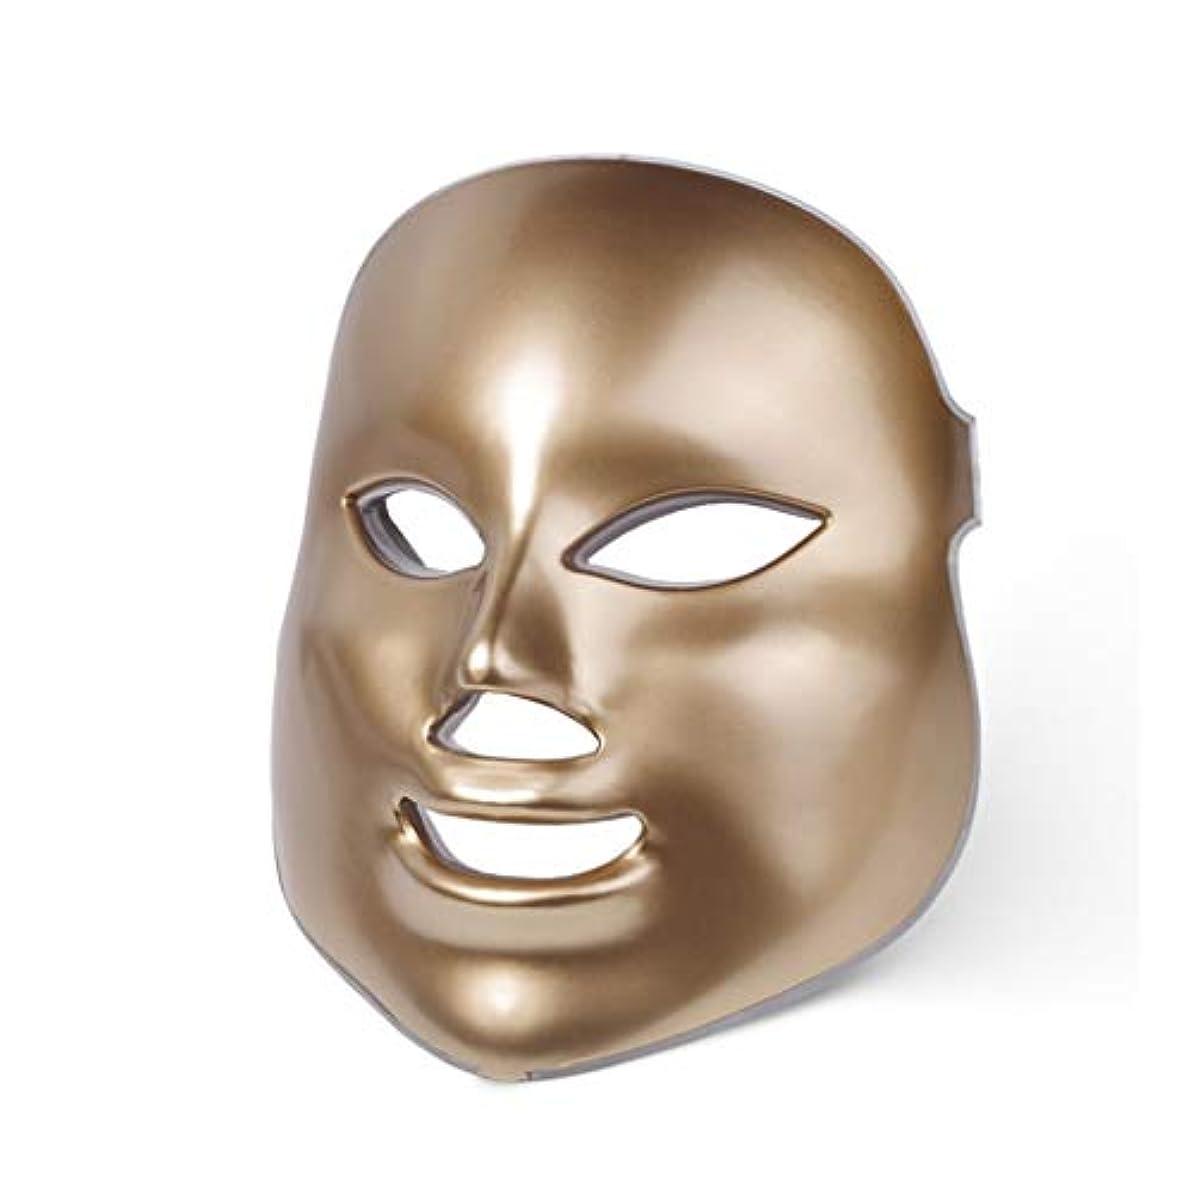 減らす中傷出会いライトセラピー?マスク、LEDライトセラピーフォトン顔がマシン7色のアンチエイジングスキンケアライトセラピーにきびマスクトーニング、しわ、アクネホワイトニングゴールドマスクマスク (Color : Gold)